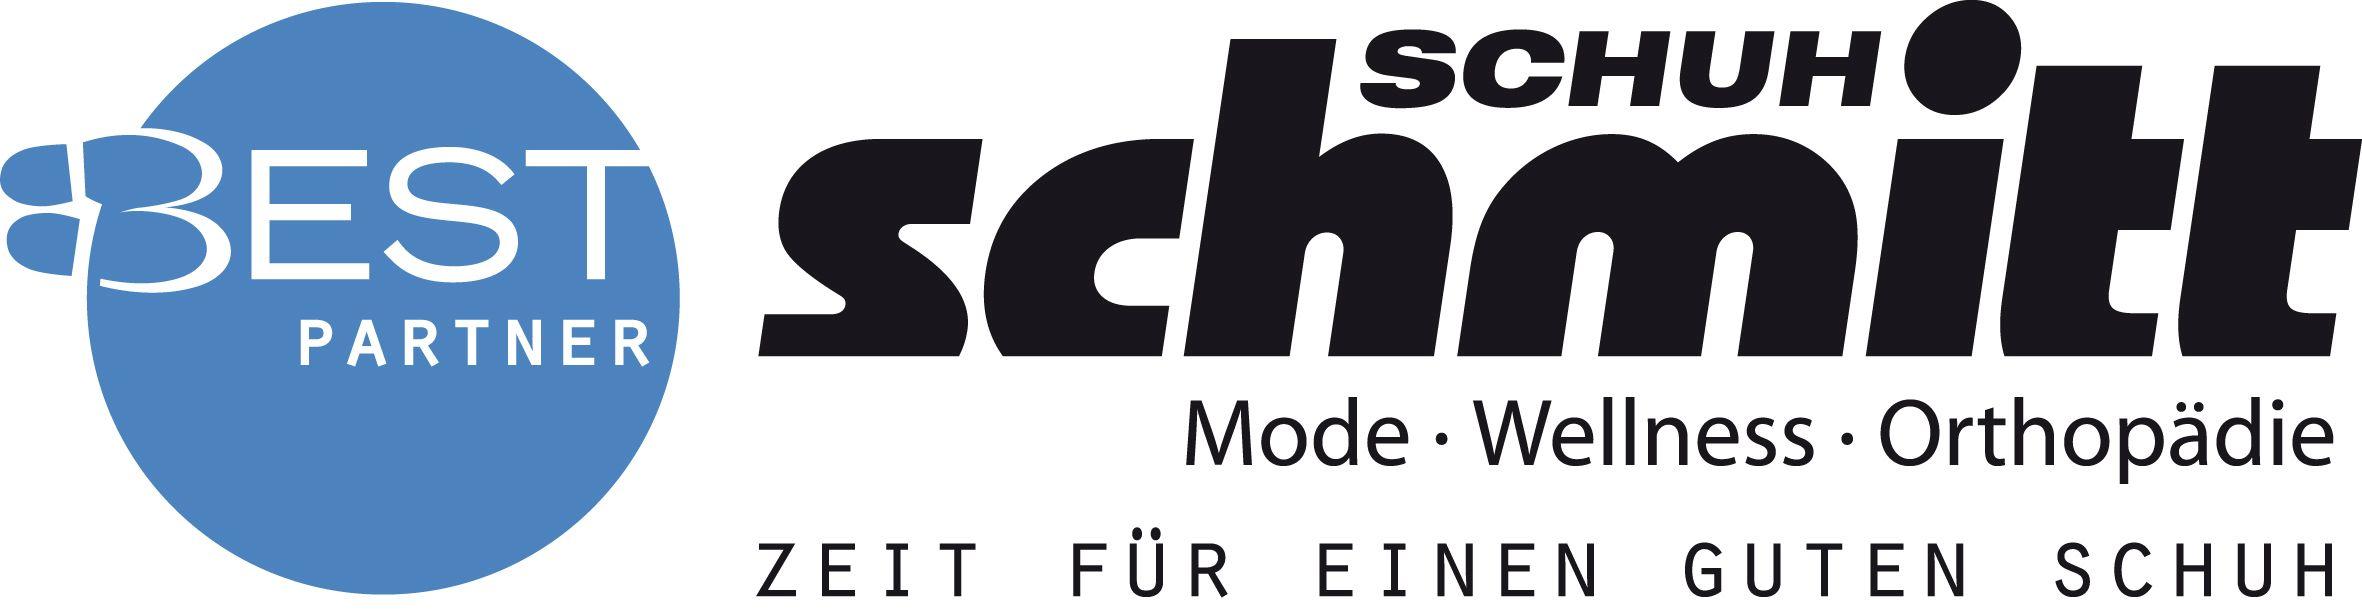 Schuh-Schmitt